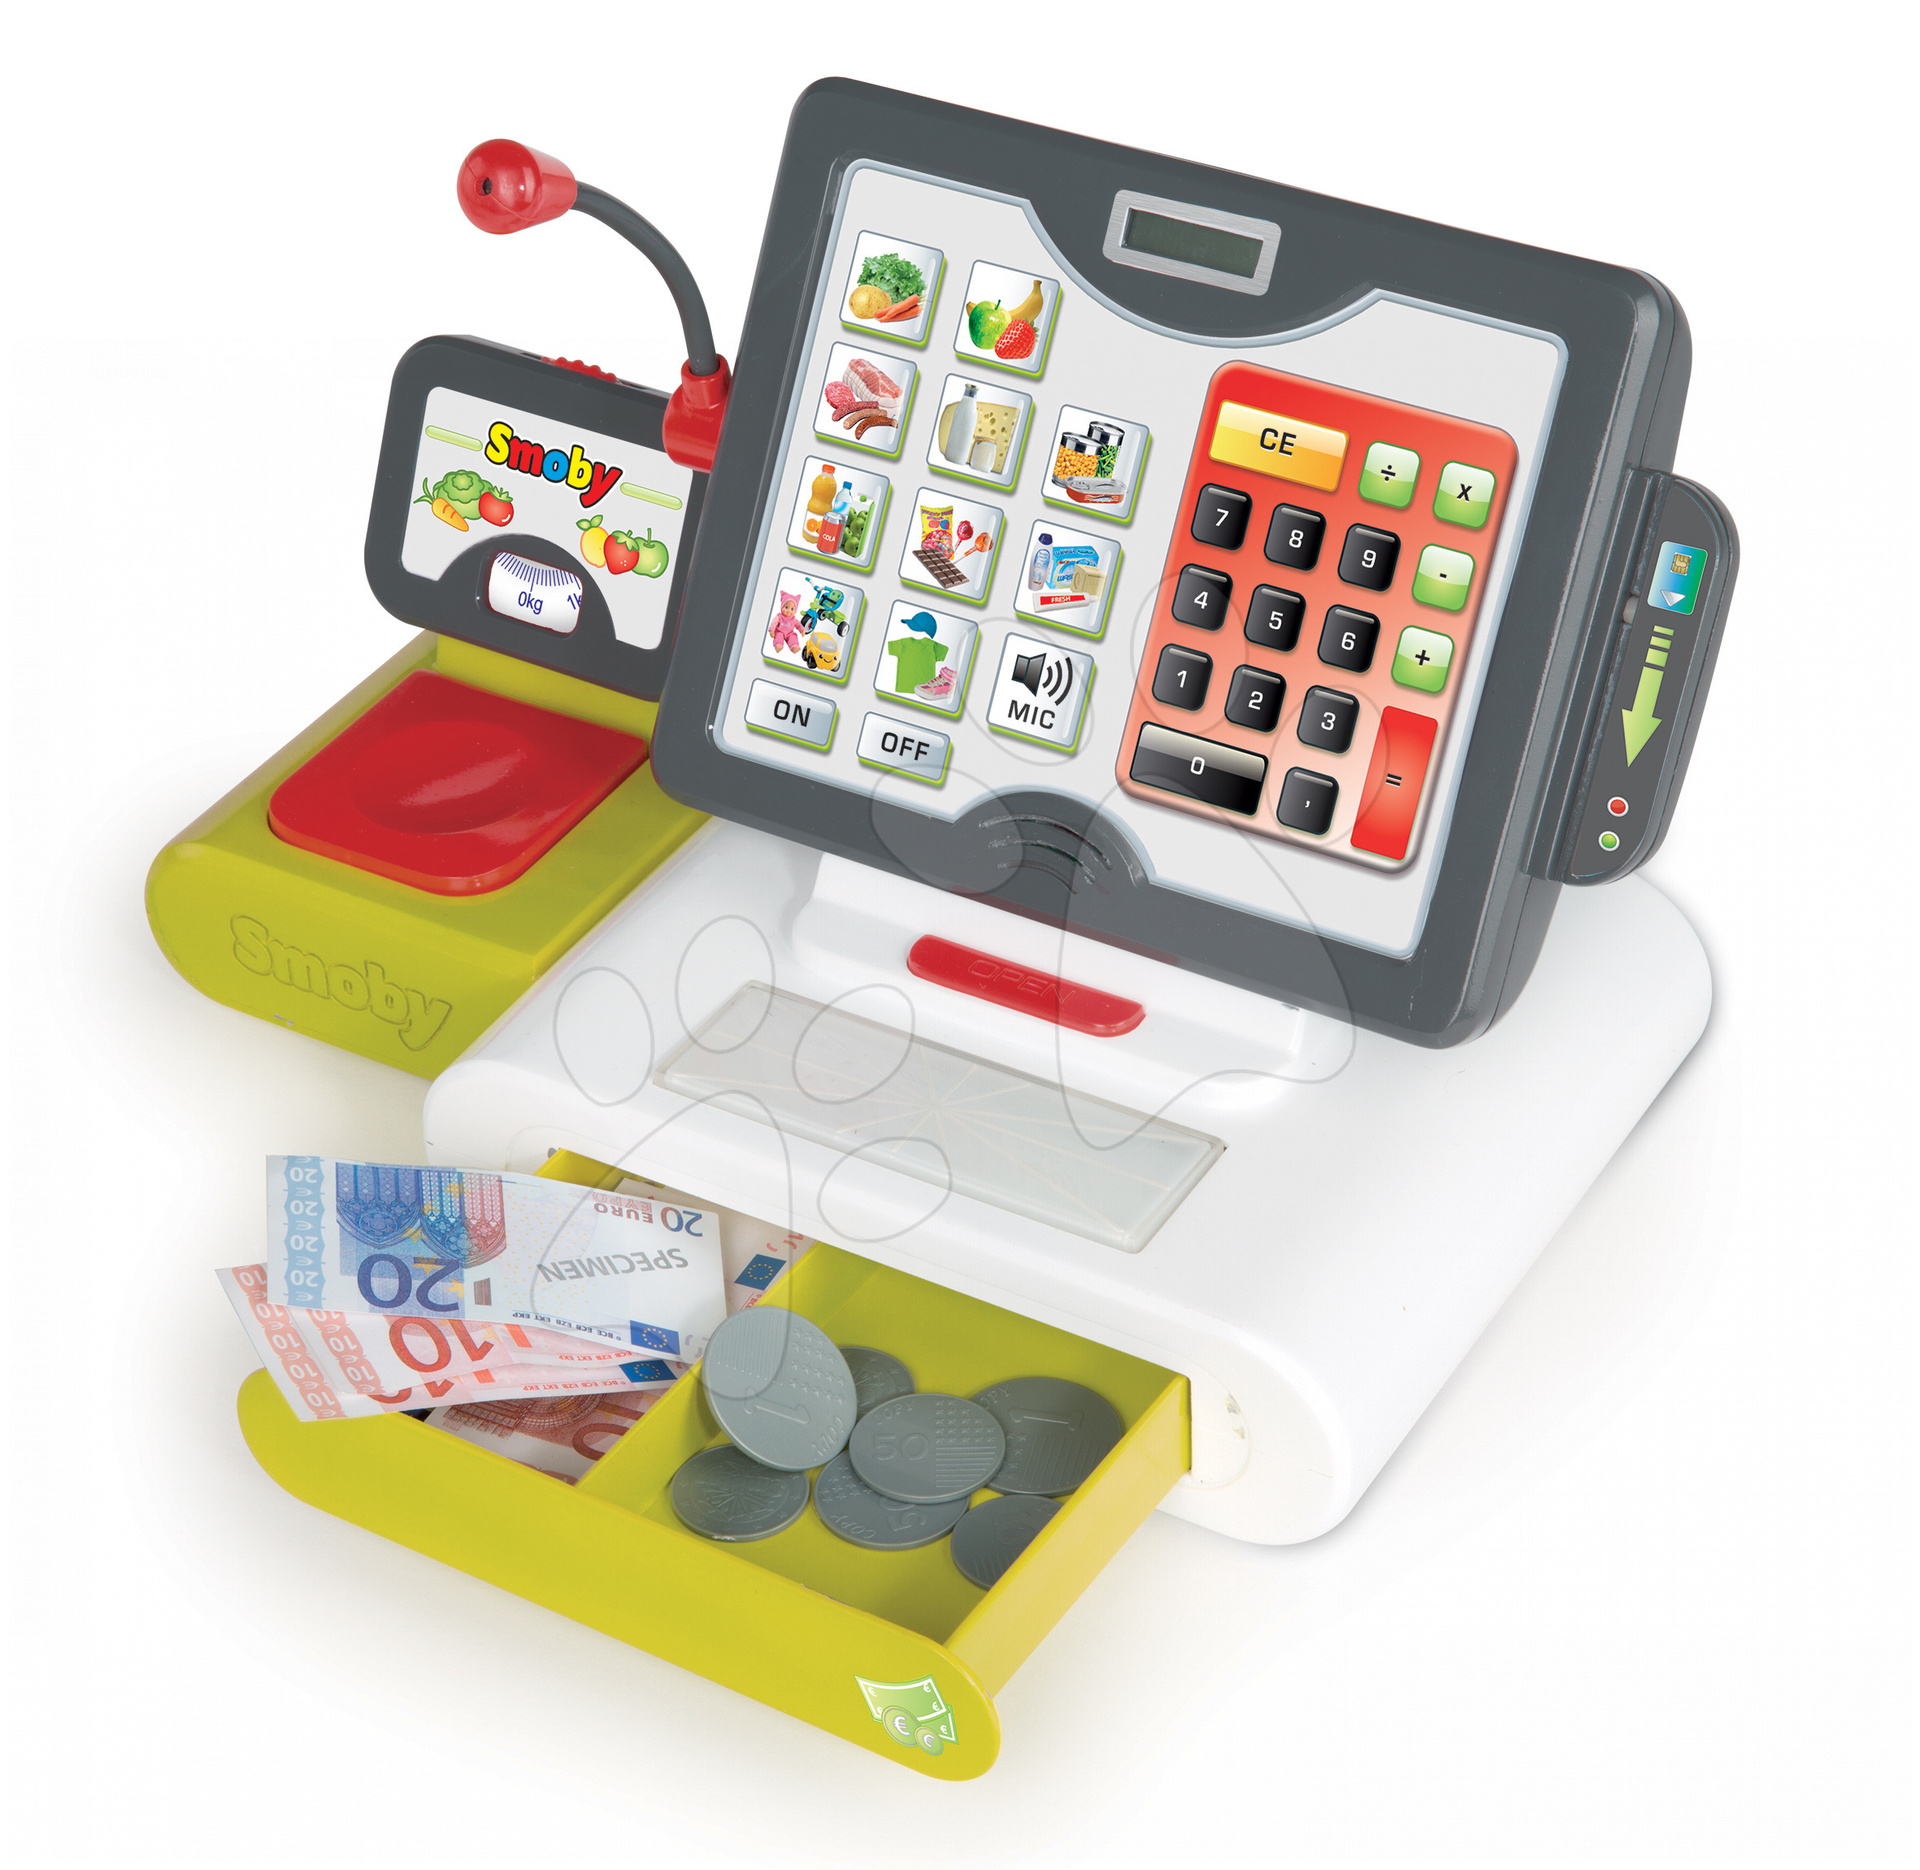 Obchody pre deti - Pokladňa Smoby elektronická s dotykovou obrazovkou, zvukom a 25 doplnkami zelená